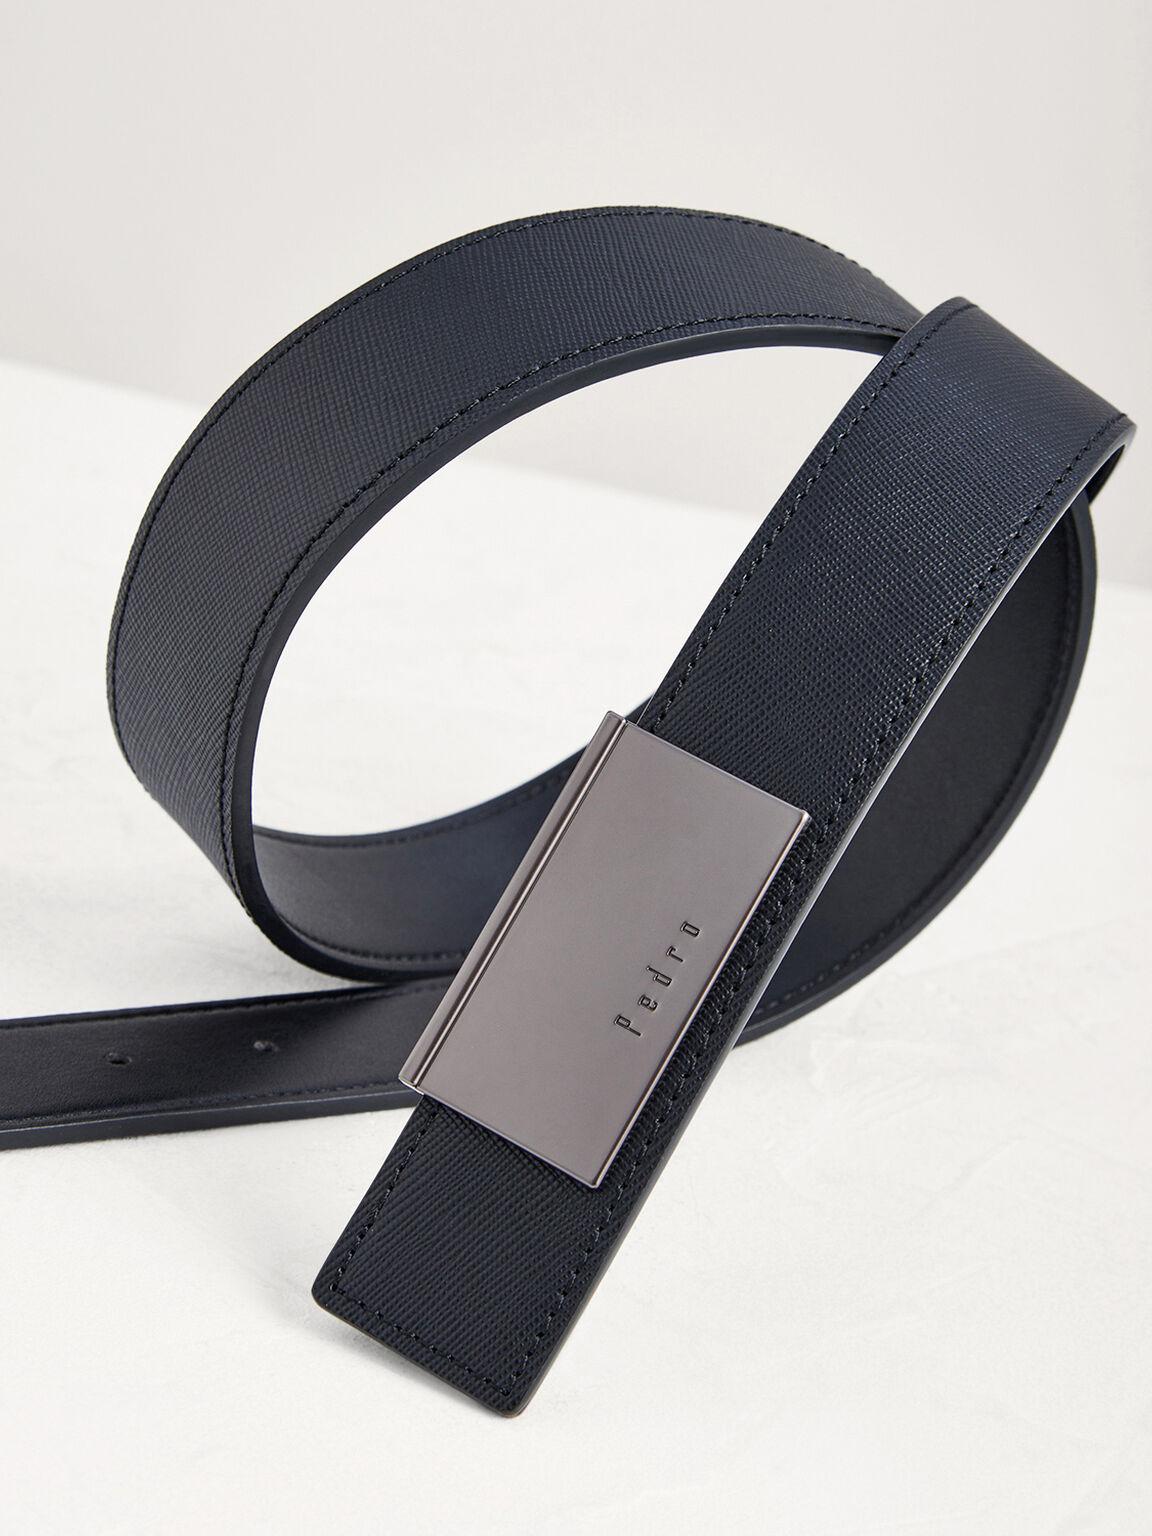 Leather Tang Belt, Black, hi-res